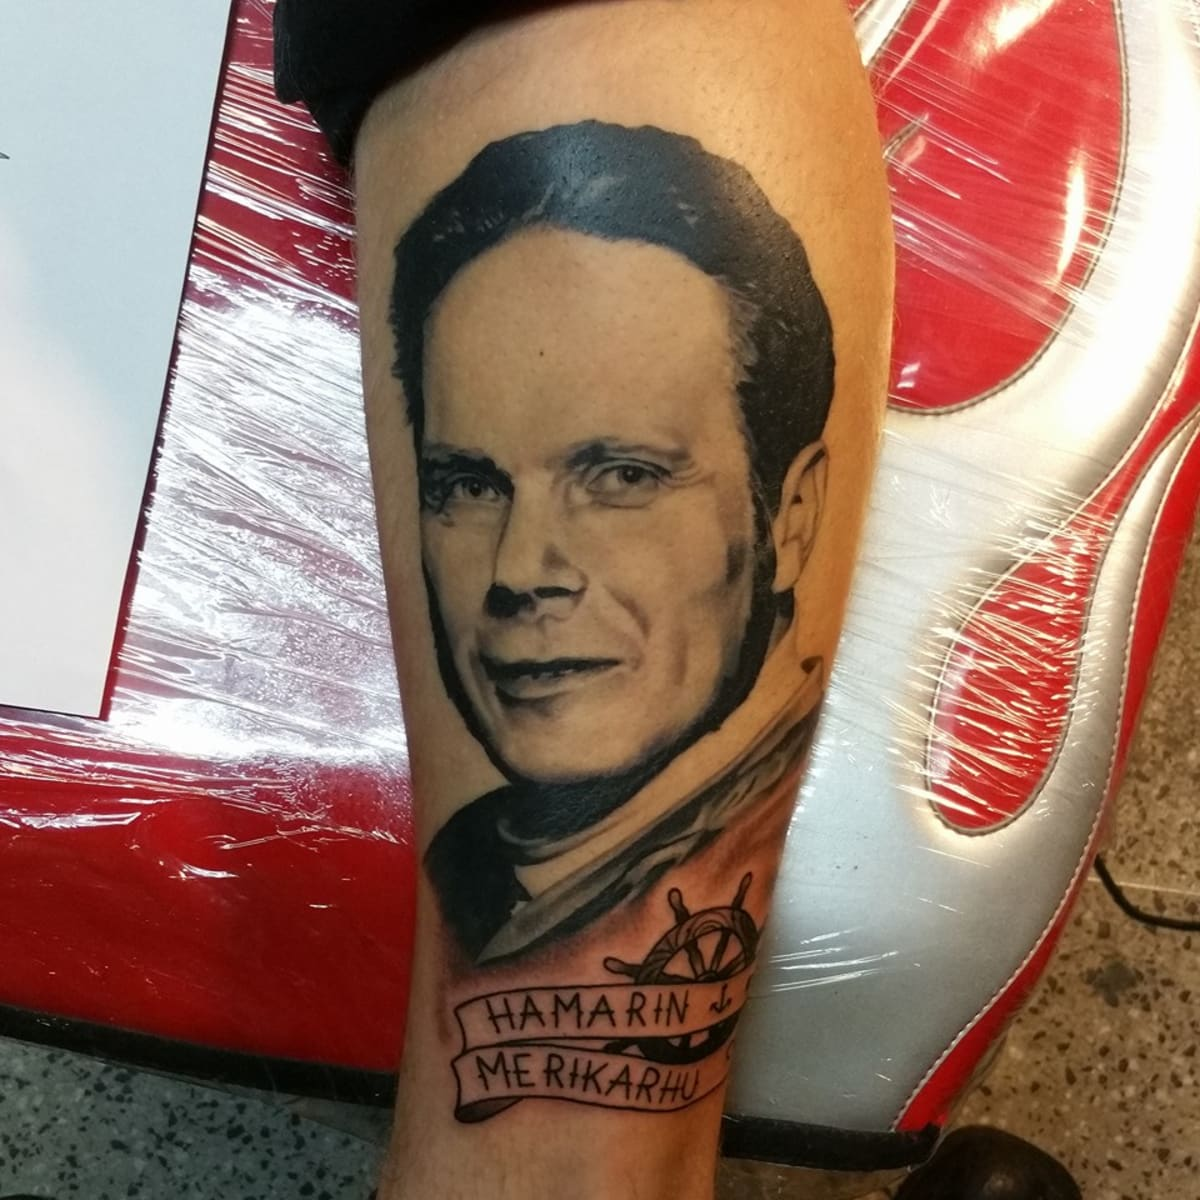 tatuointi jalkaan Porvoo